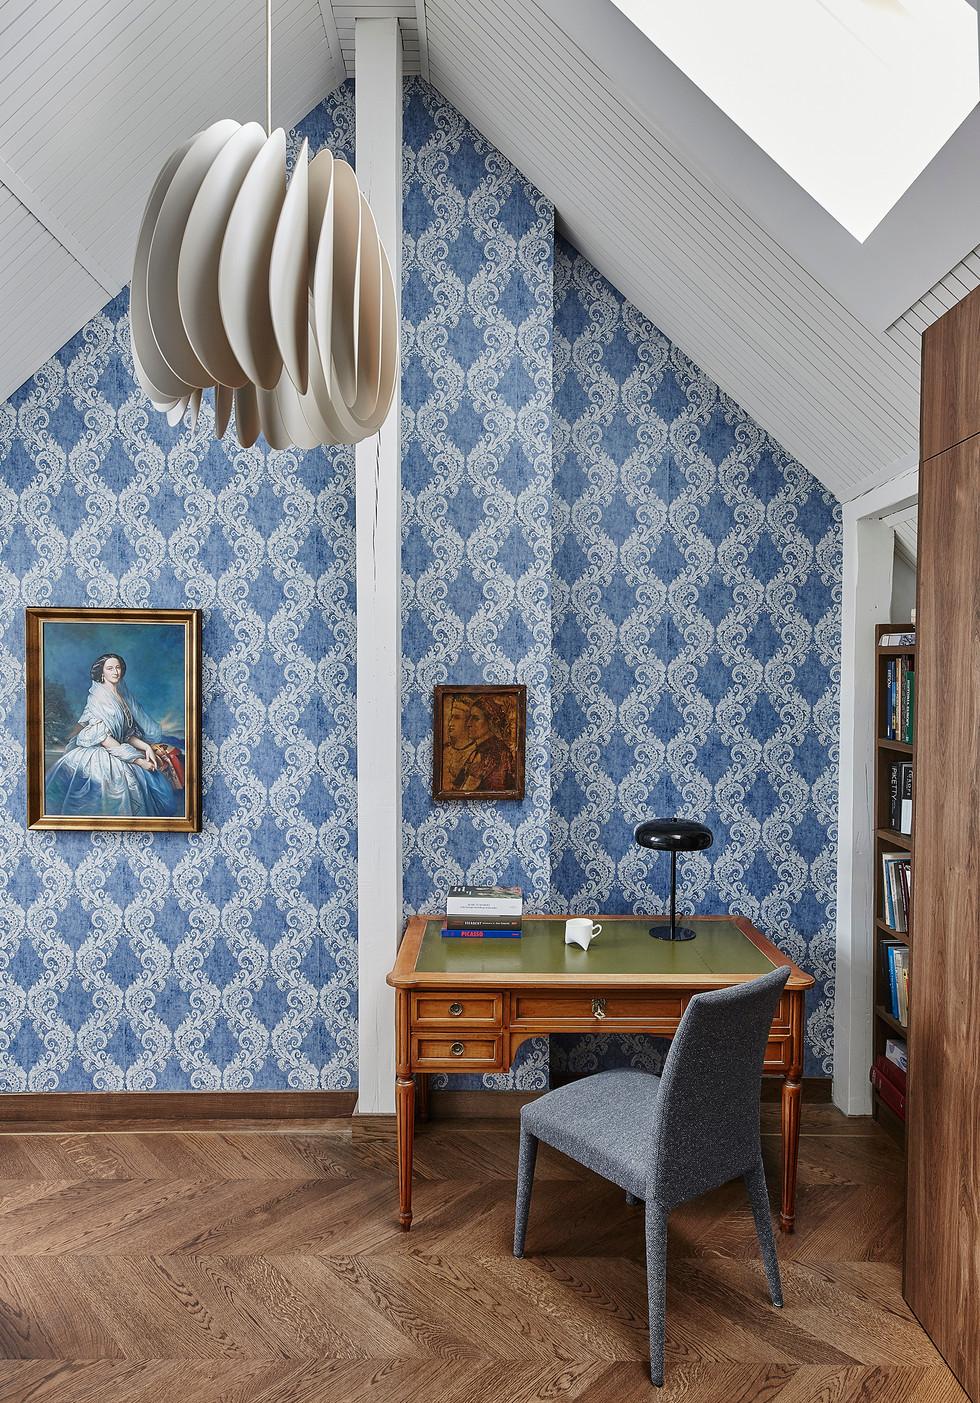 Oldest Boy's Room